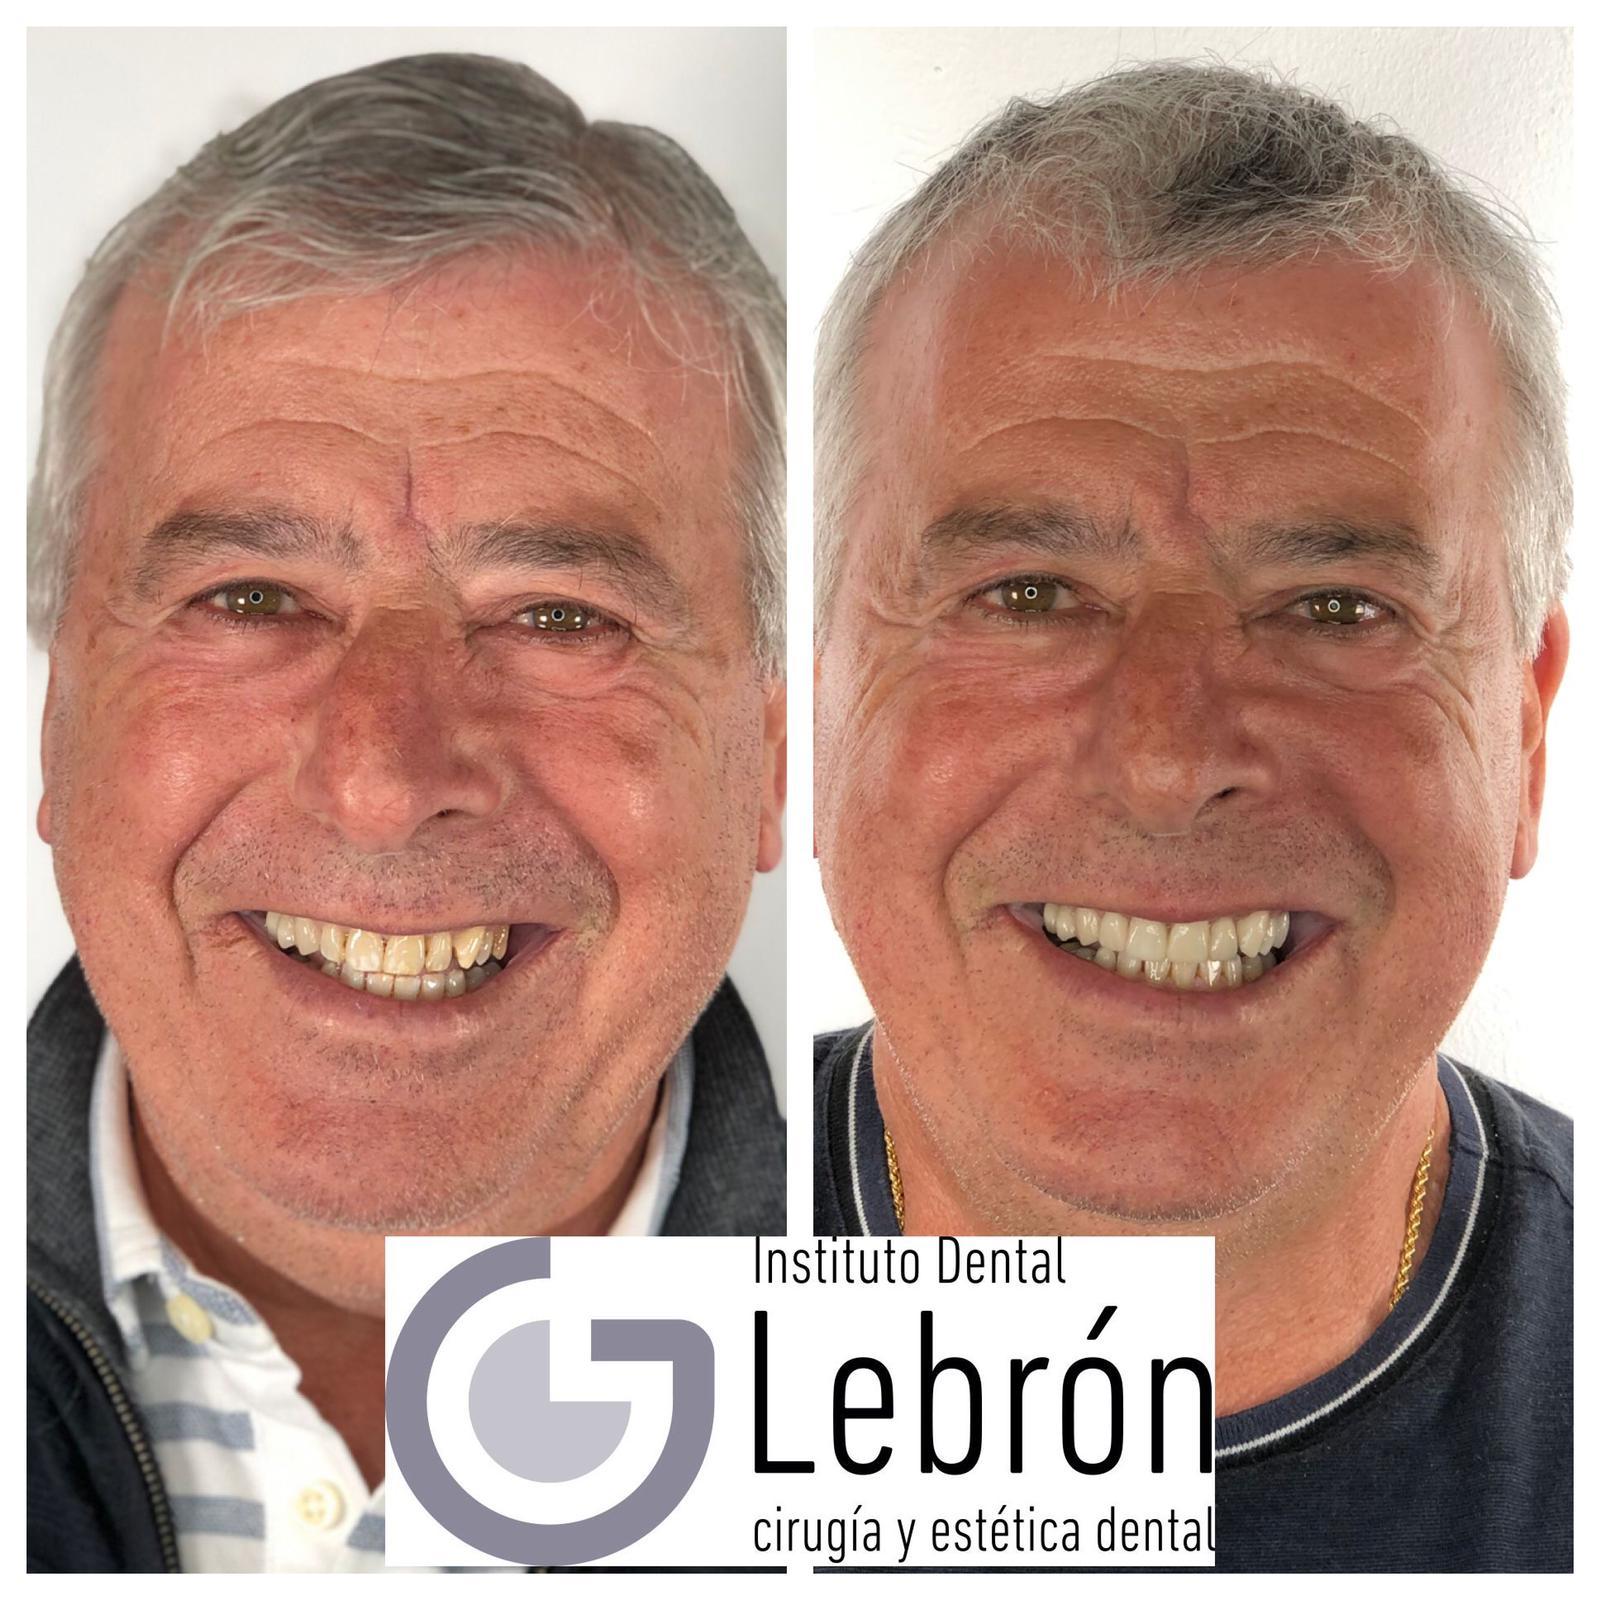 caso real de un paciente tras su tratamiento de carillas dentales, carillas dentales antes y después